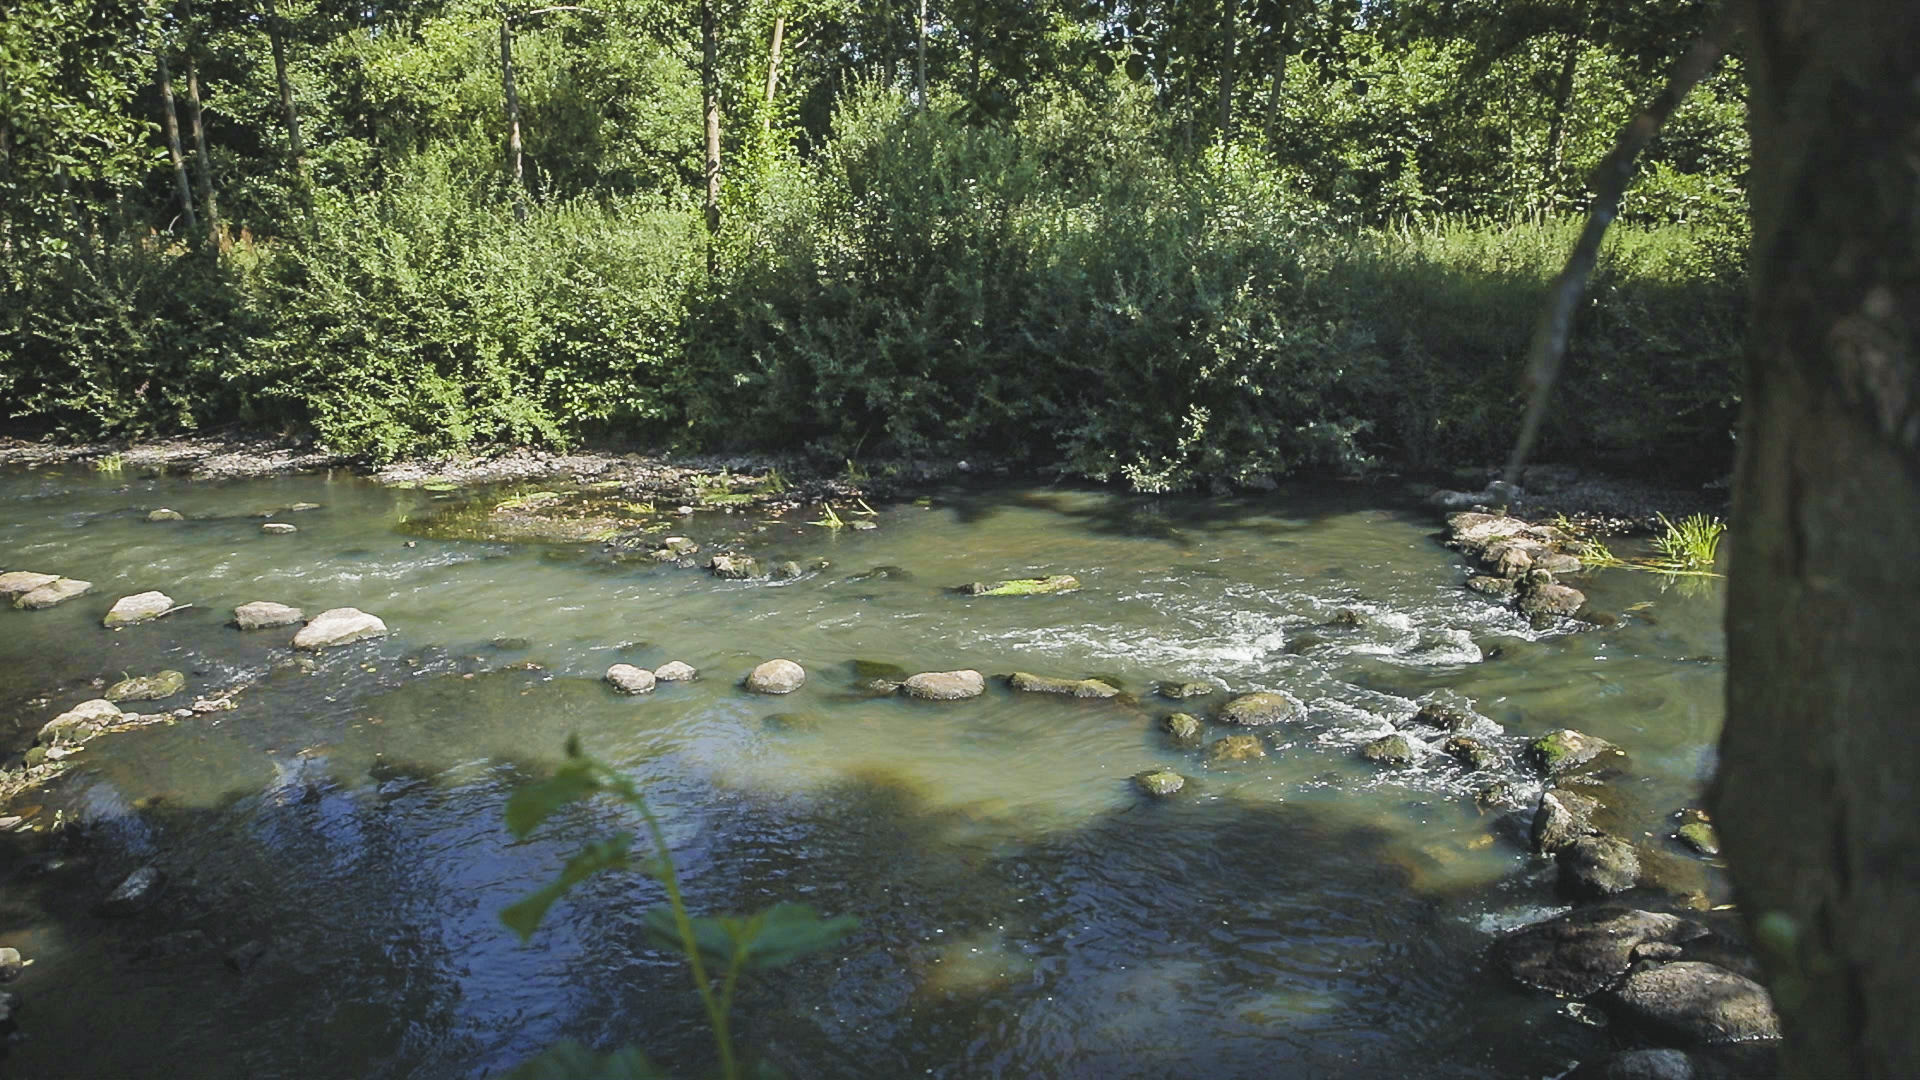 Foto: Niedrigwasserrinne in der Mitte der Wümme, die als Fischwanderhilfe dient. Als Sicherung der Niedrigwasserrinne wurden große Steine linienhaft in das Gewässer eingebracht.